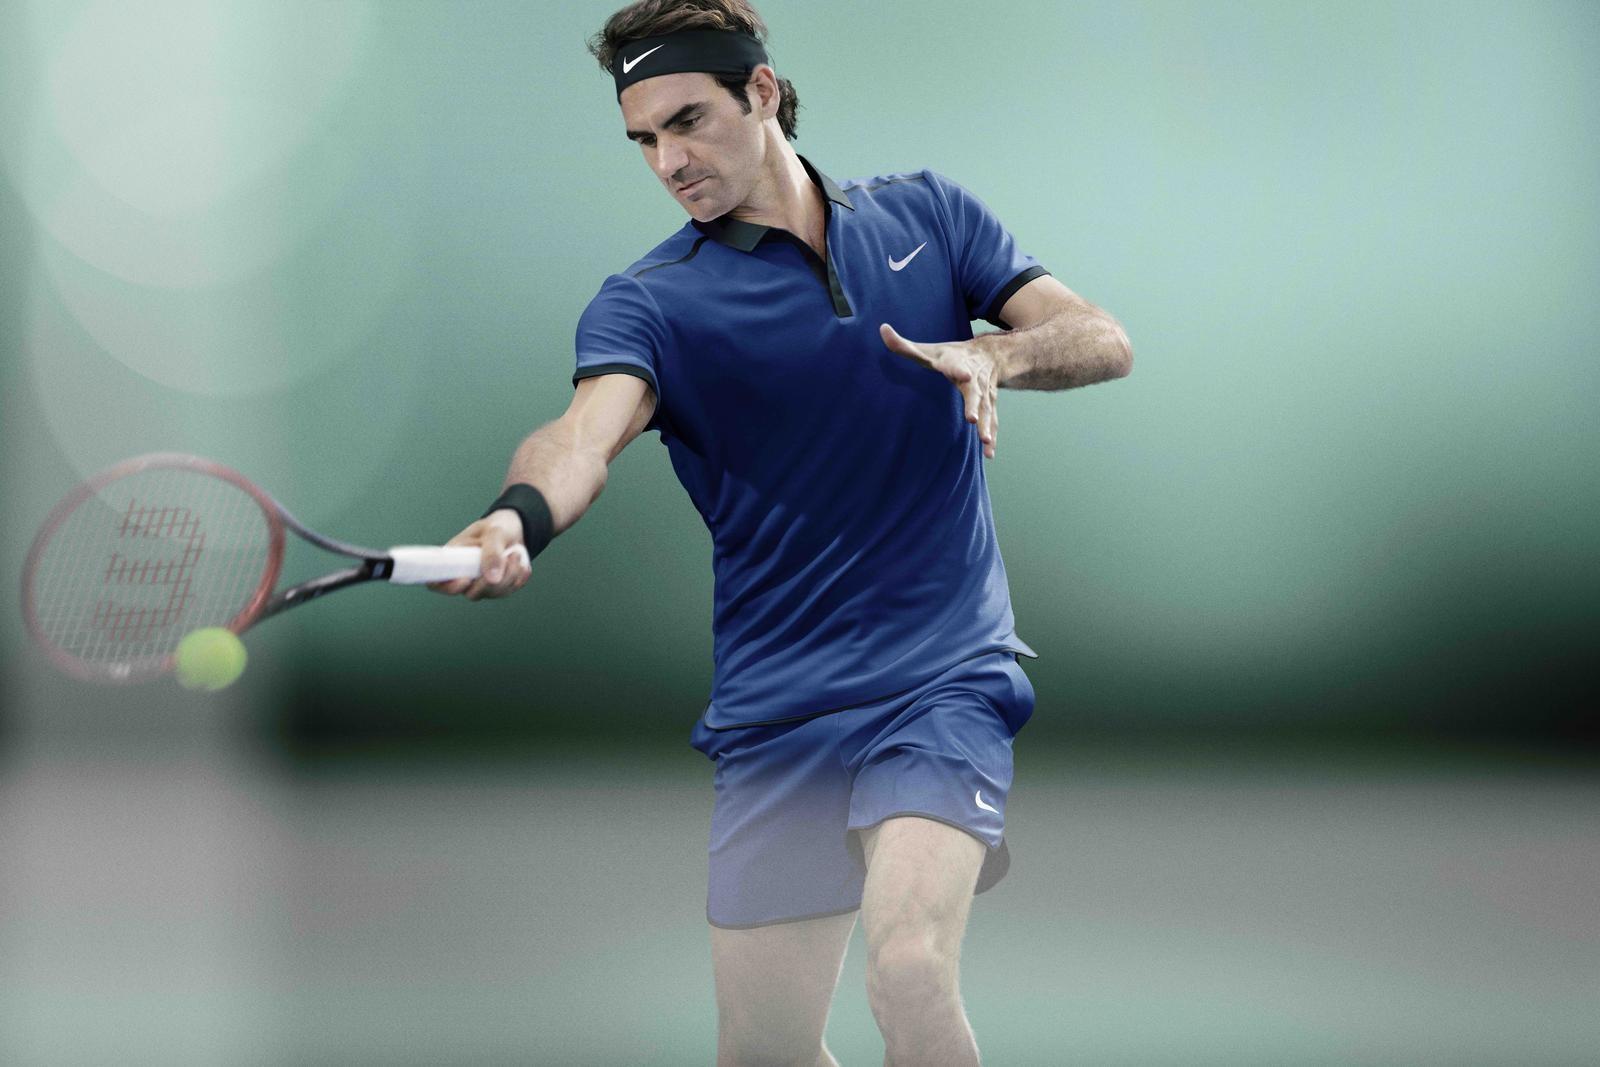 vetement tennis